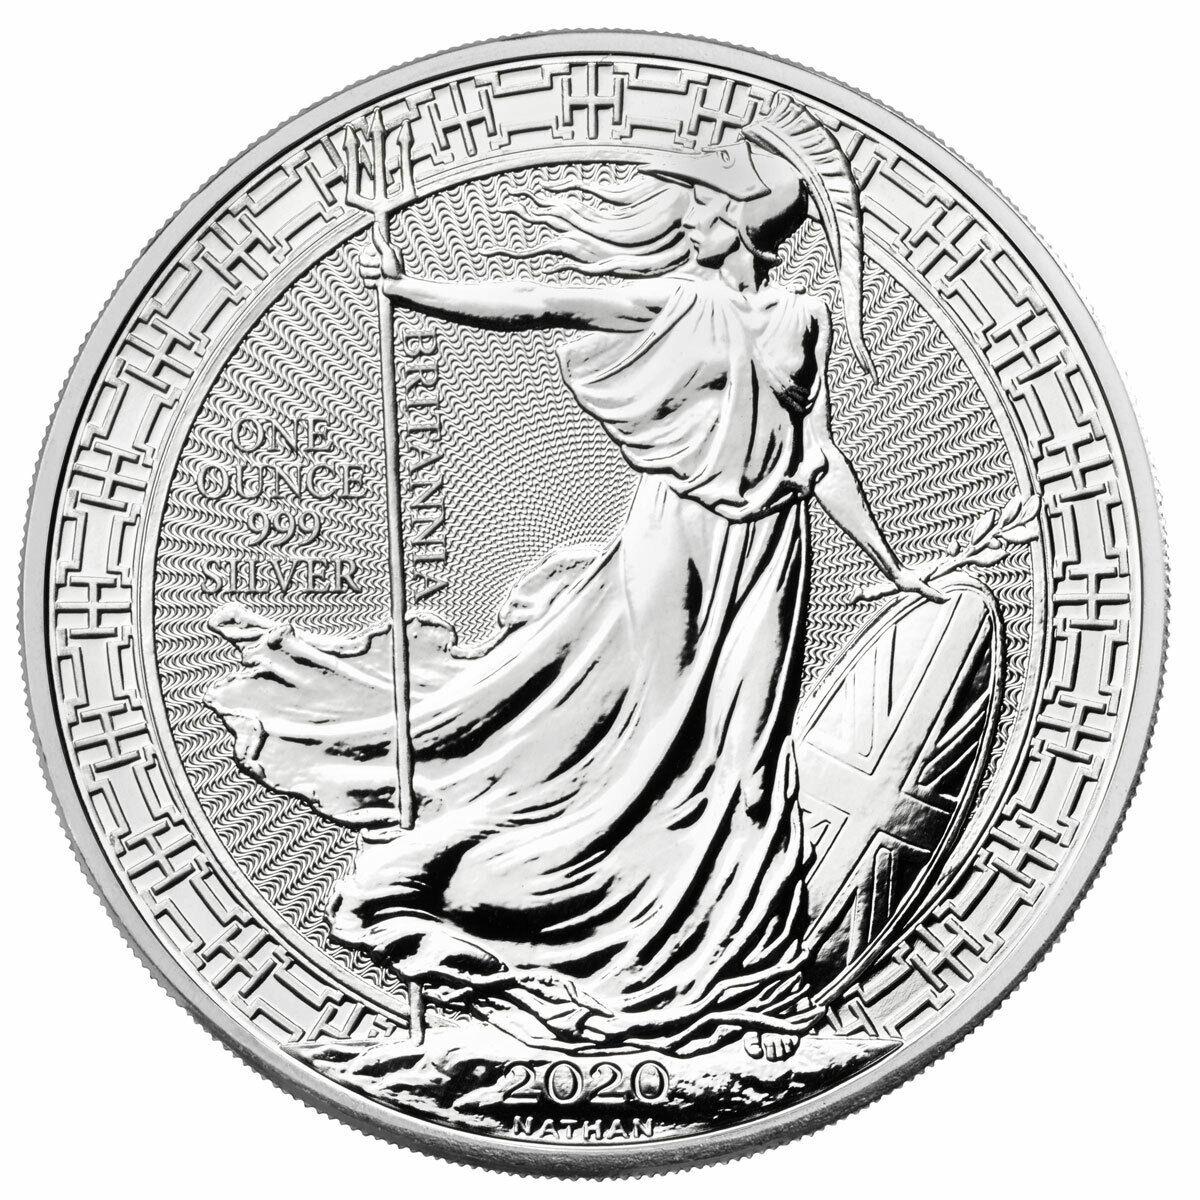 2019 Niue Star Wars Seasons Greetings Foil 5g Silver $5 Coin Note BU SKU59716